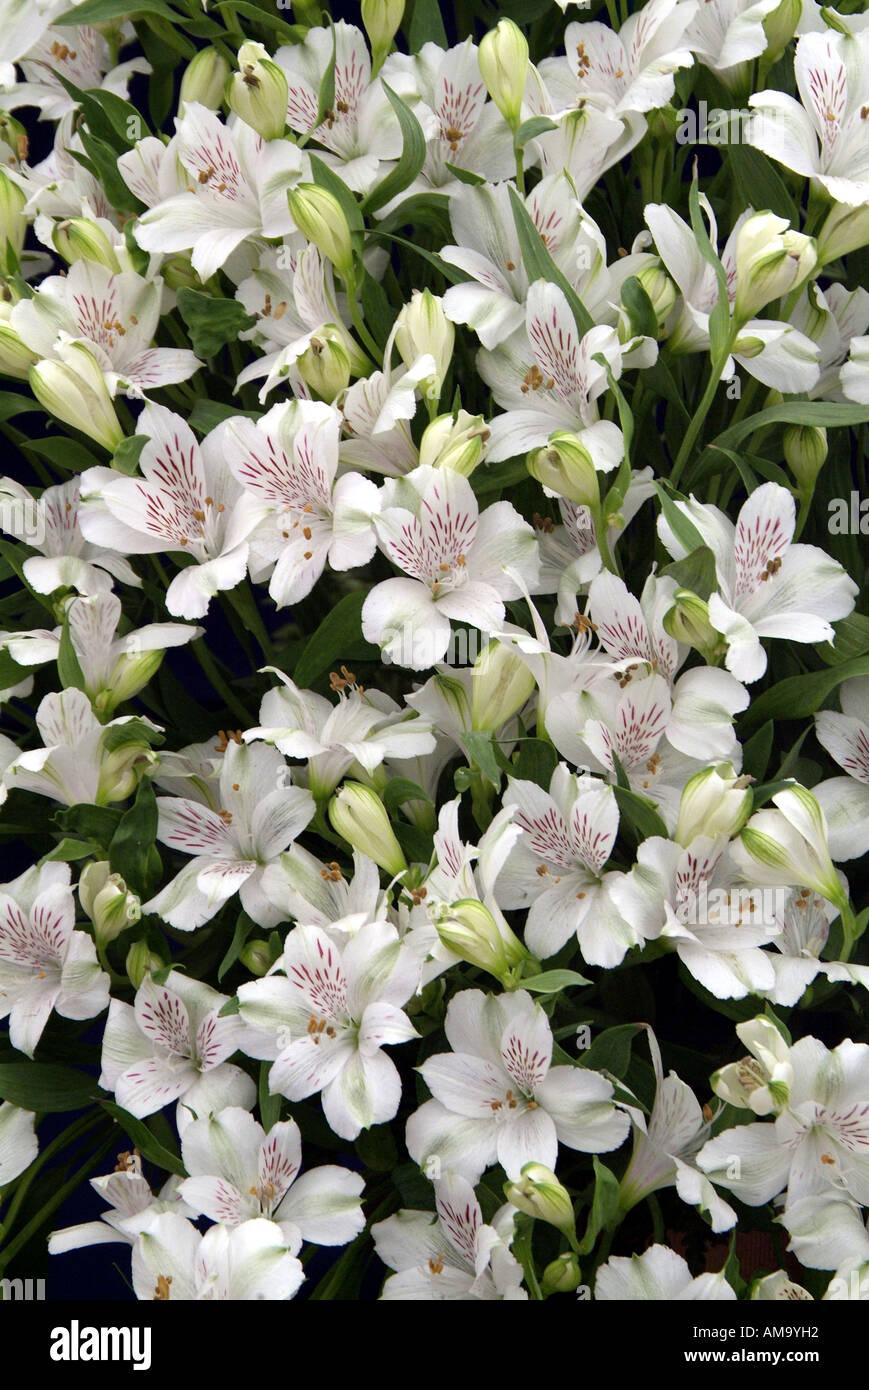 Alstroemeria Virginia Peruanische Lilie Kopf Blüte Pastell Blütenblatt Topf Pflanzen exotische tropische Birne Gewächshaus Treibhaus angebaut Stockfoto